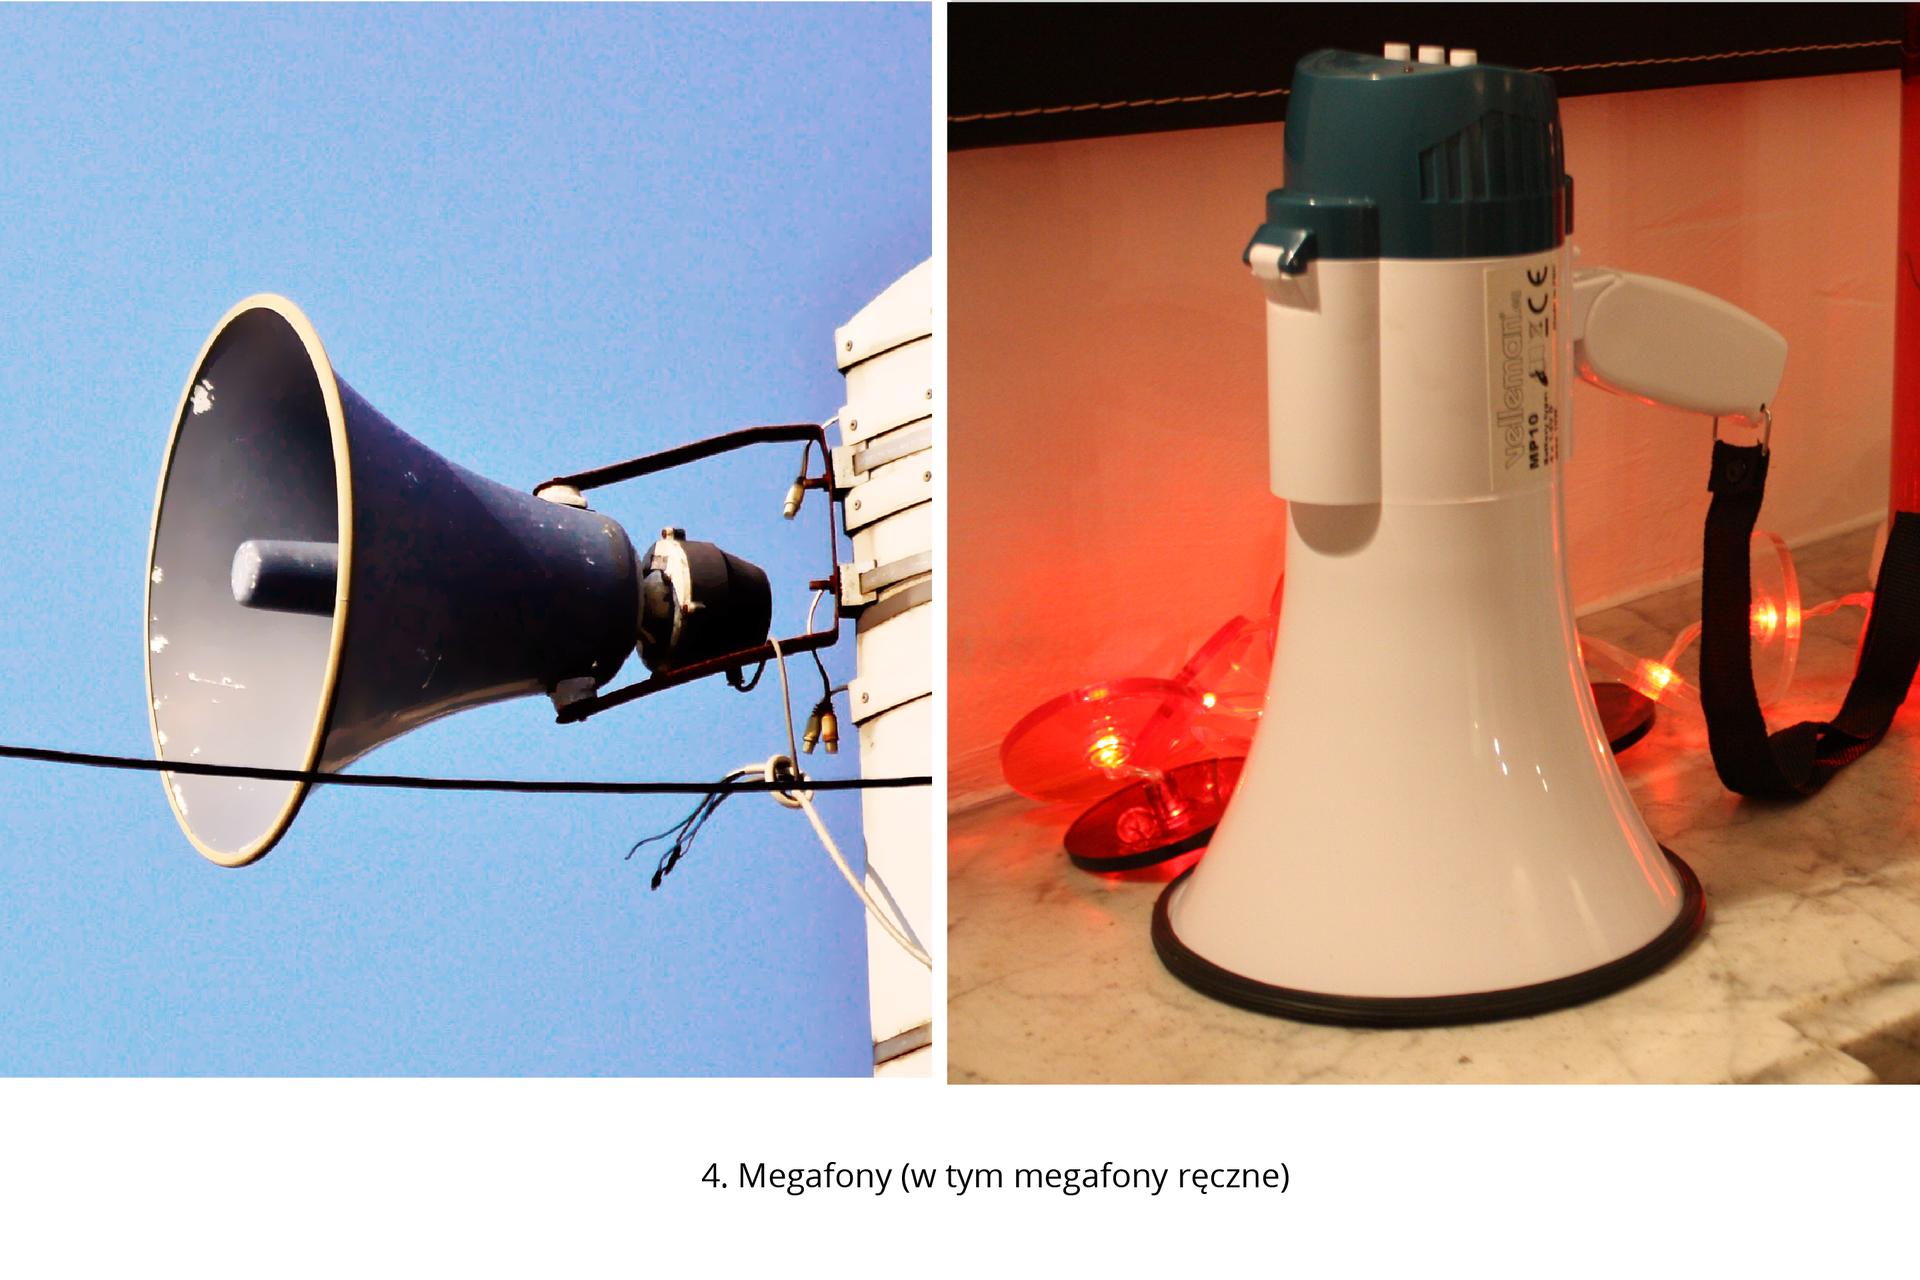 Galeria składająca się z8 zdjęć przedstawiających narzedzie masowego przekazu będące środkami alarmowymi: 1. Regionalne izakładowe rozgłośnie radiowe oraz stacje telewizyjne, 2. Syreny alarmowe (z sygnalizatorem świetlnym lub bez, elektryczne, sterowane ręcznie), 3. Dzwonki alarmowe (montowane np. wszkołach, hotelach iinnych budynkach użyteczności publicznej), 4. Megafony (w tym megafony ręczne), 5. Gongi (stosowane wmałych przedsiębiorstwach izakładach), 6. Buczki ibrzęczki (elektryczne, pneumatyczne, parowe) stosowane wpomieszczeniach, gdzie hałas uniemożliwia usłyszenie gongu, 7. Dzwony kościelne (stosowane zwyczajowo), 8. Sygnalizatory świetlne (stosowane wmiejscach, gdzie istnieje bardzo duże natężenie hałasu – są one również skierowane do ludzi zwadami słuchu)